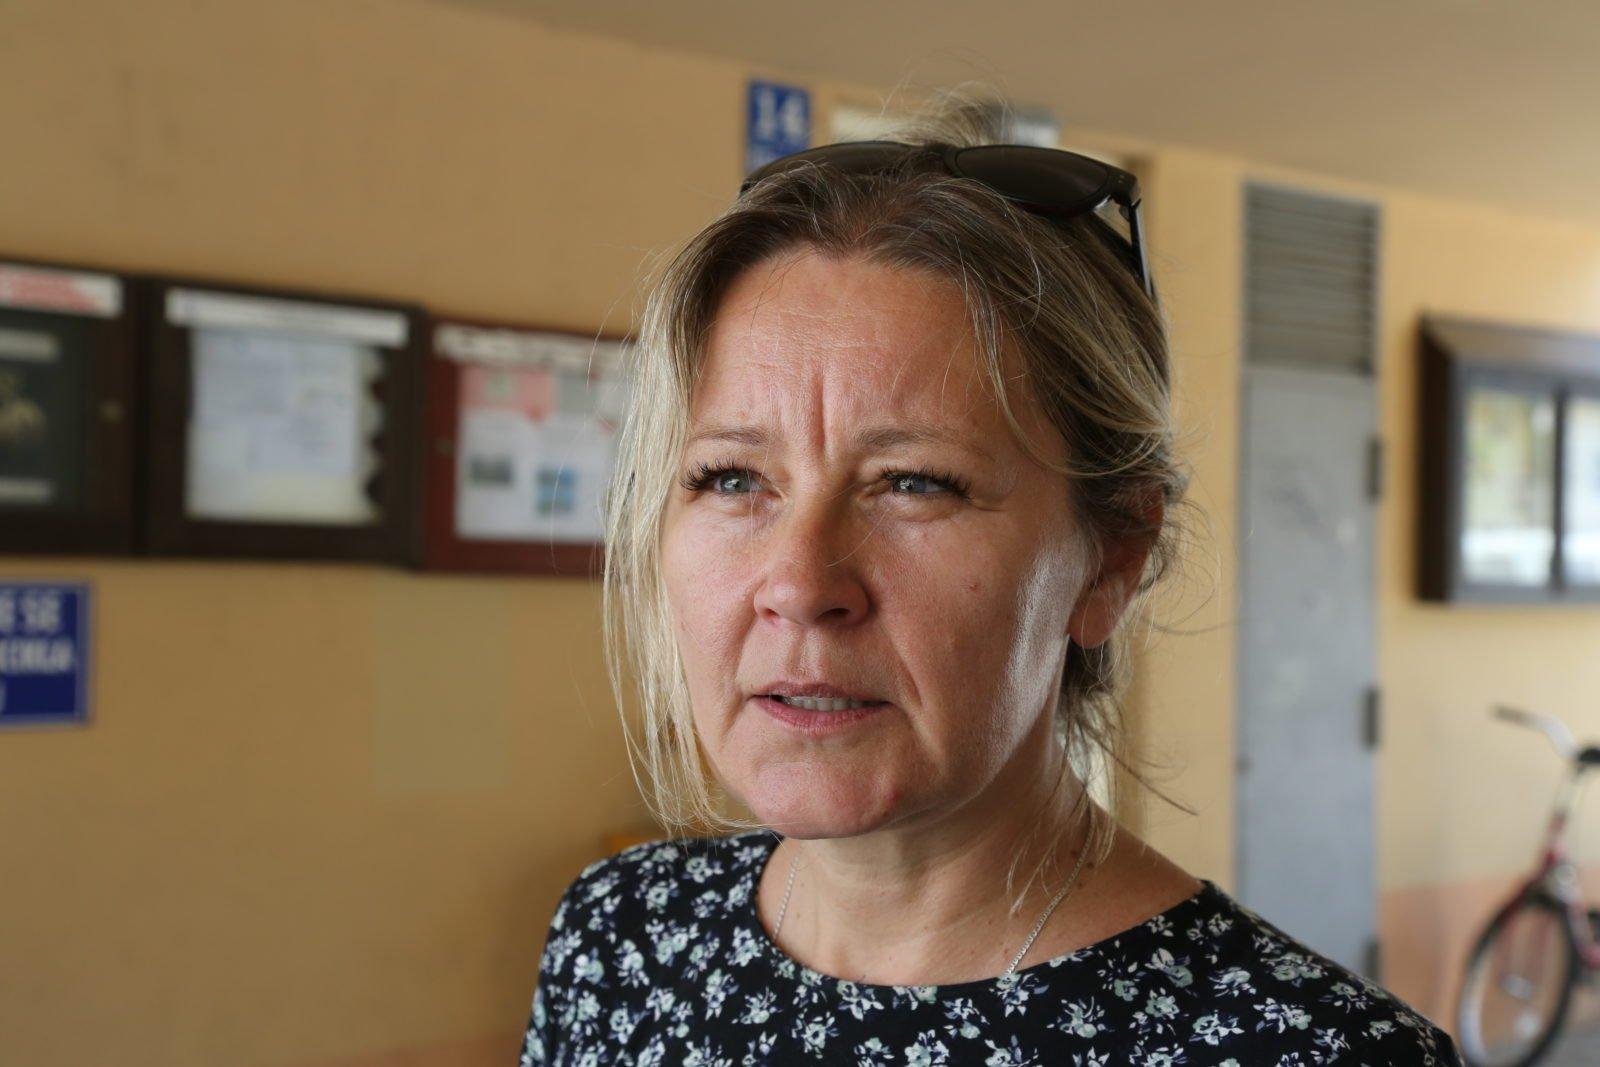 Suzana Petrović